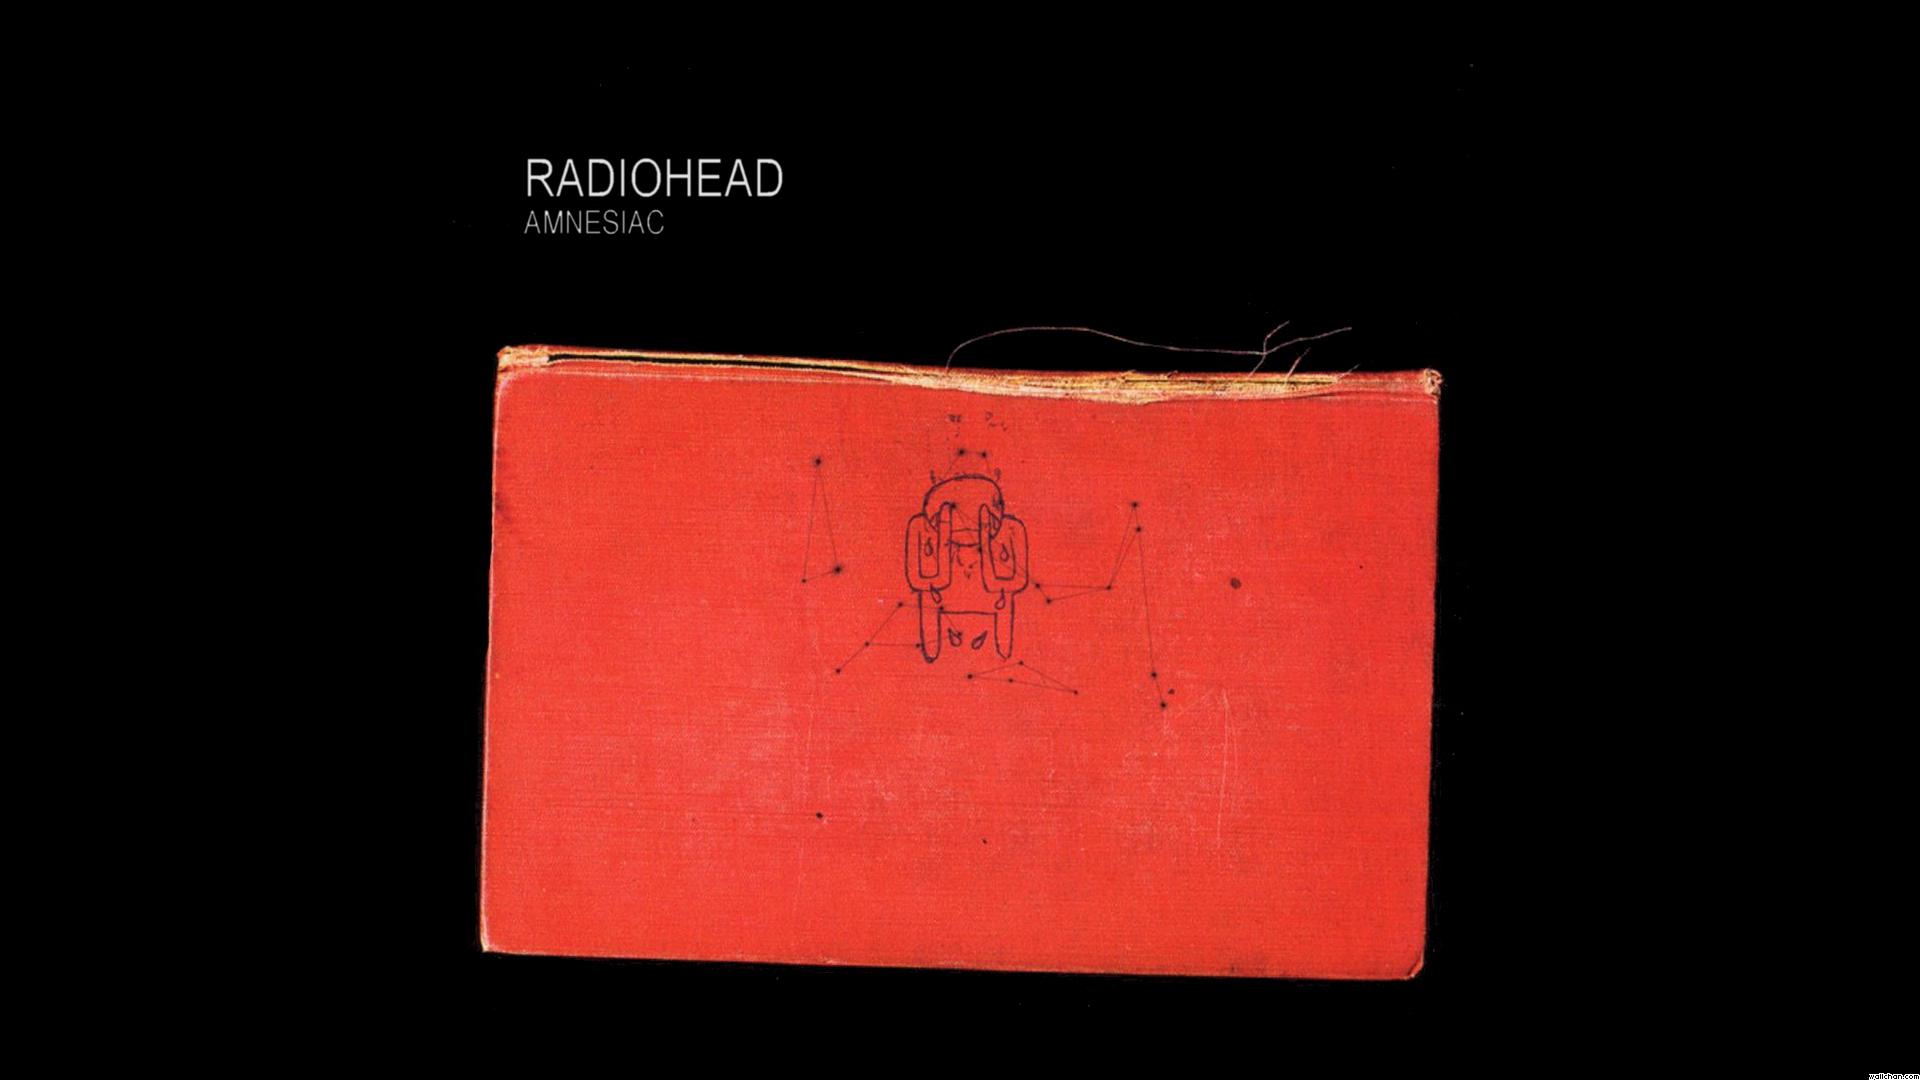 Image 28044 radiohead amnesiacg 4chanmusic wiki fandom 28044 radiohead amnesiacg voltagebd Choice Image